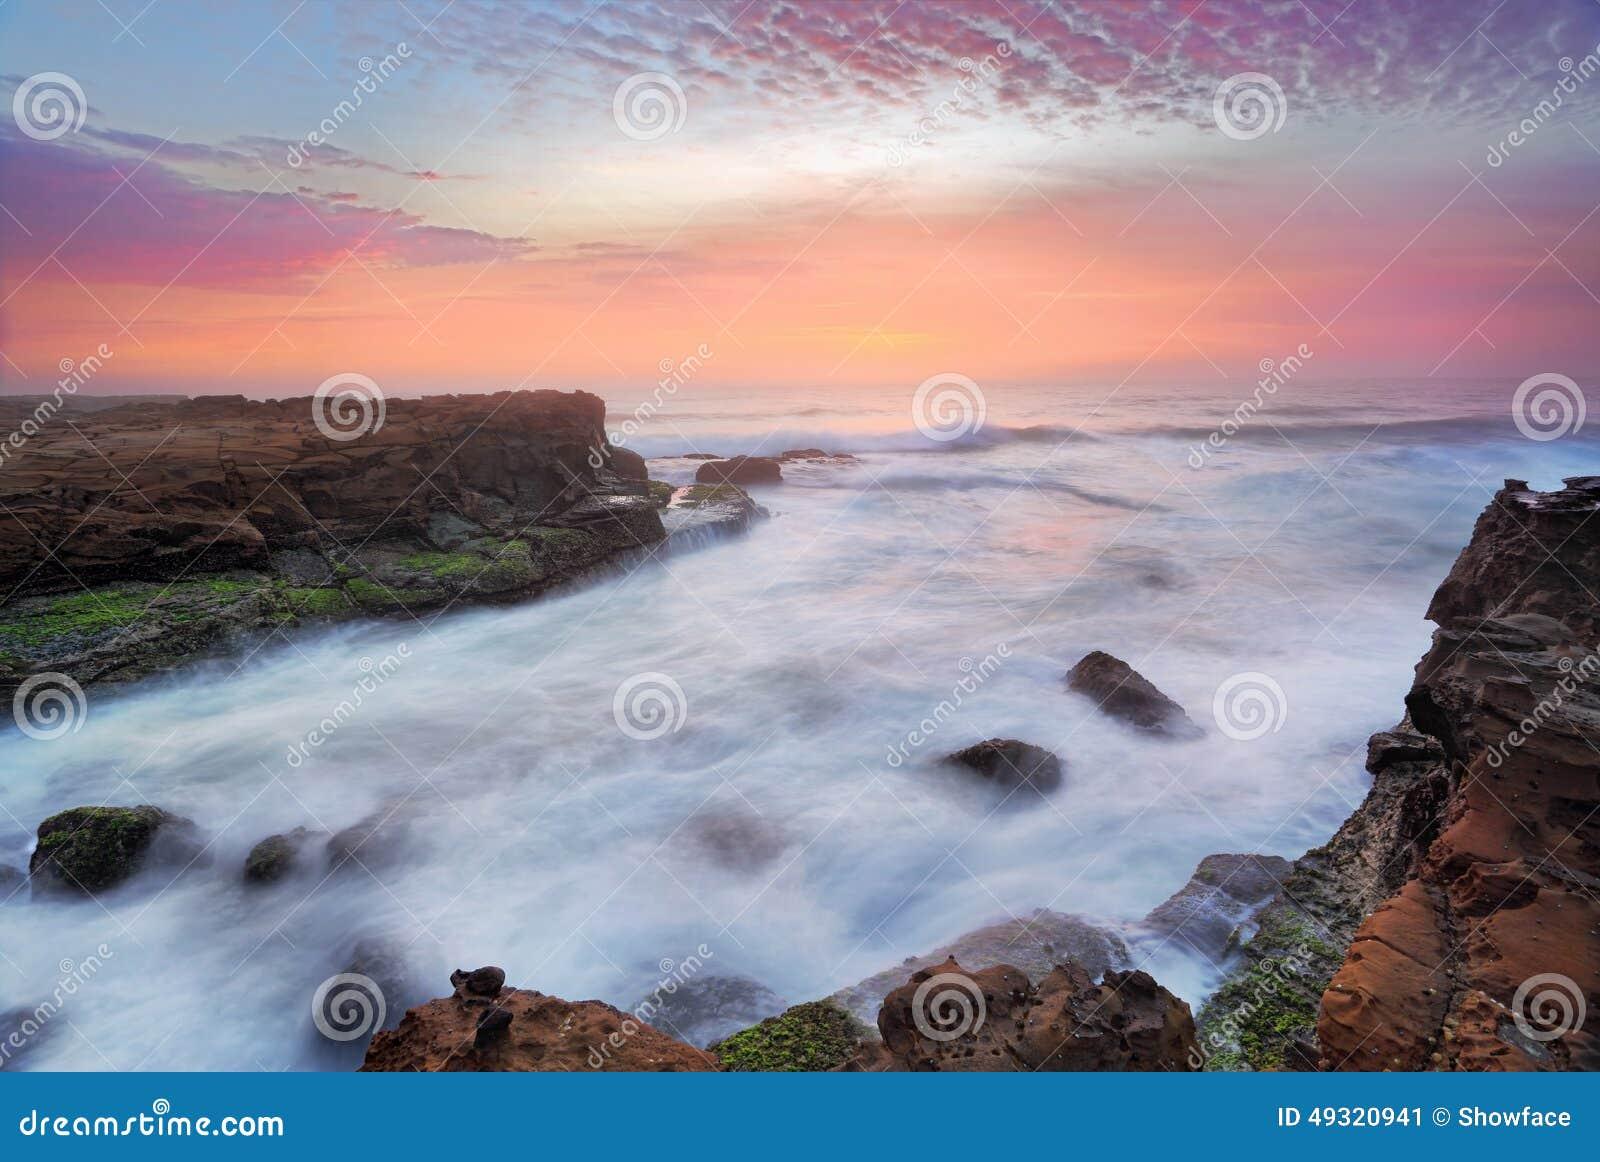 Flujos imponentes de la salida del sol y del océano sobre rocas de marea